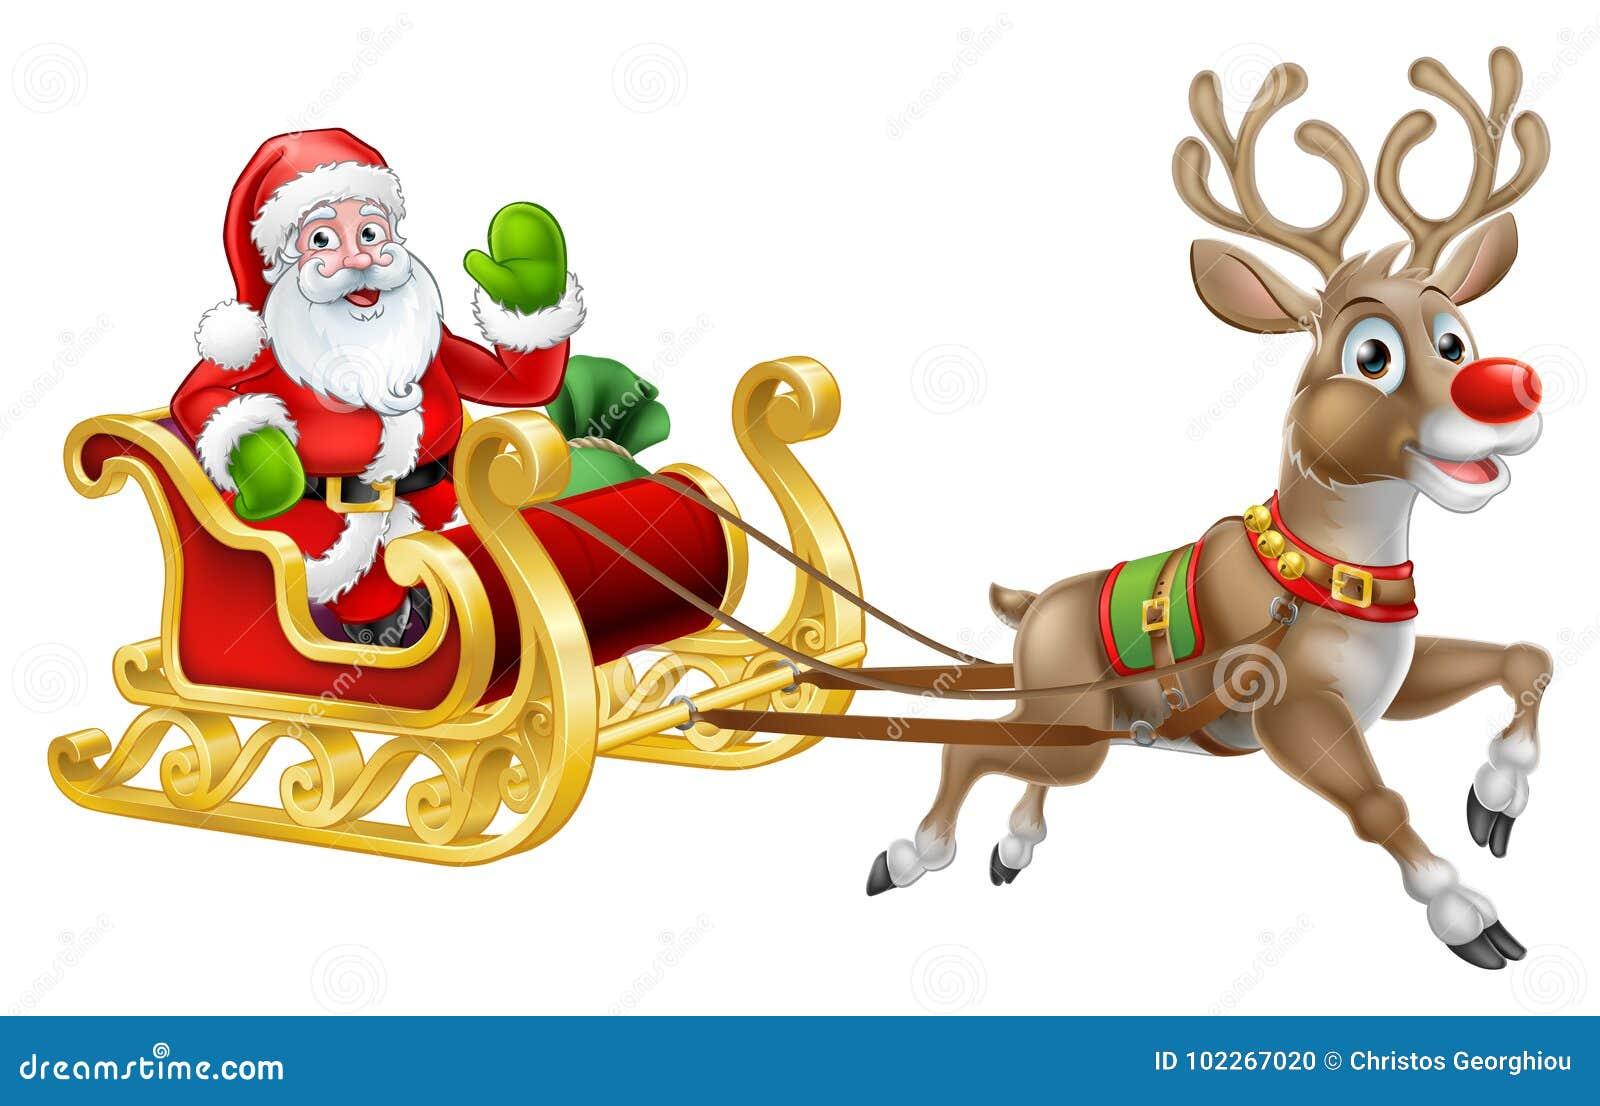 Bożenarodzeniowy Święty Mikołaj sania sania renifer